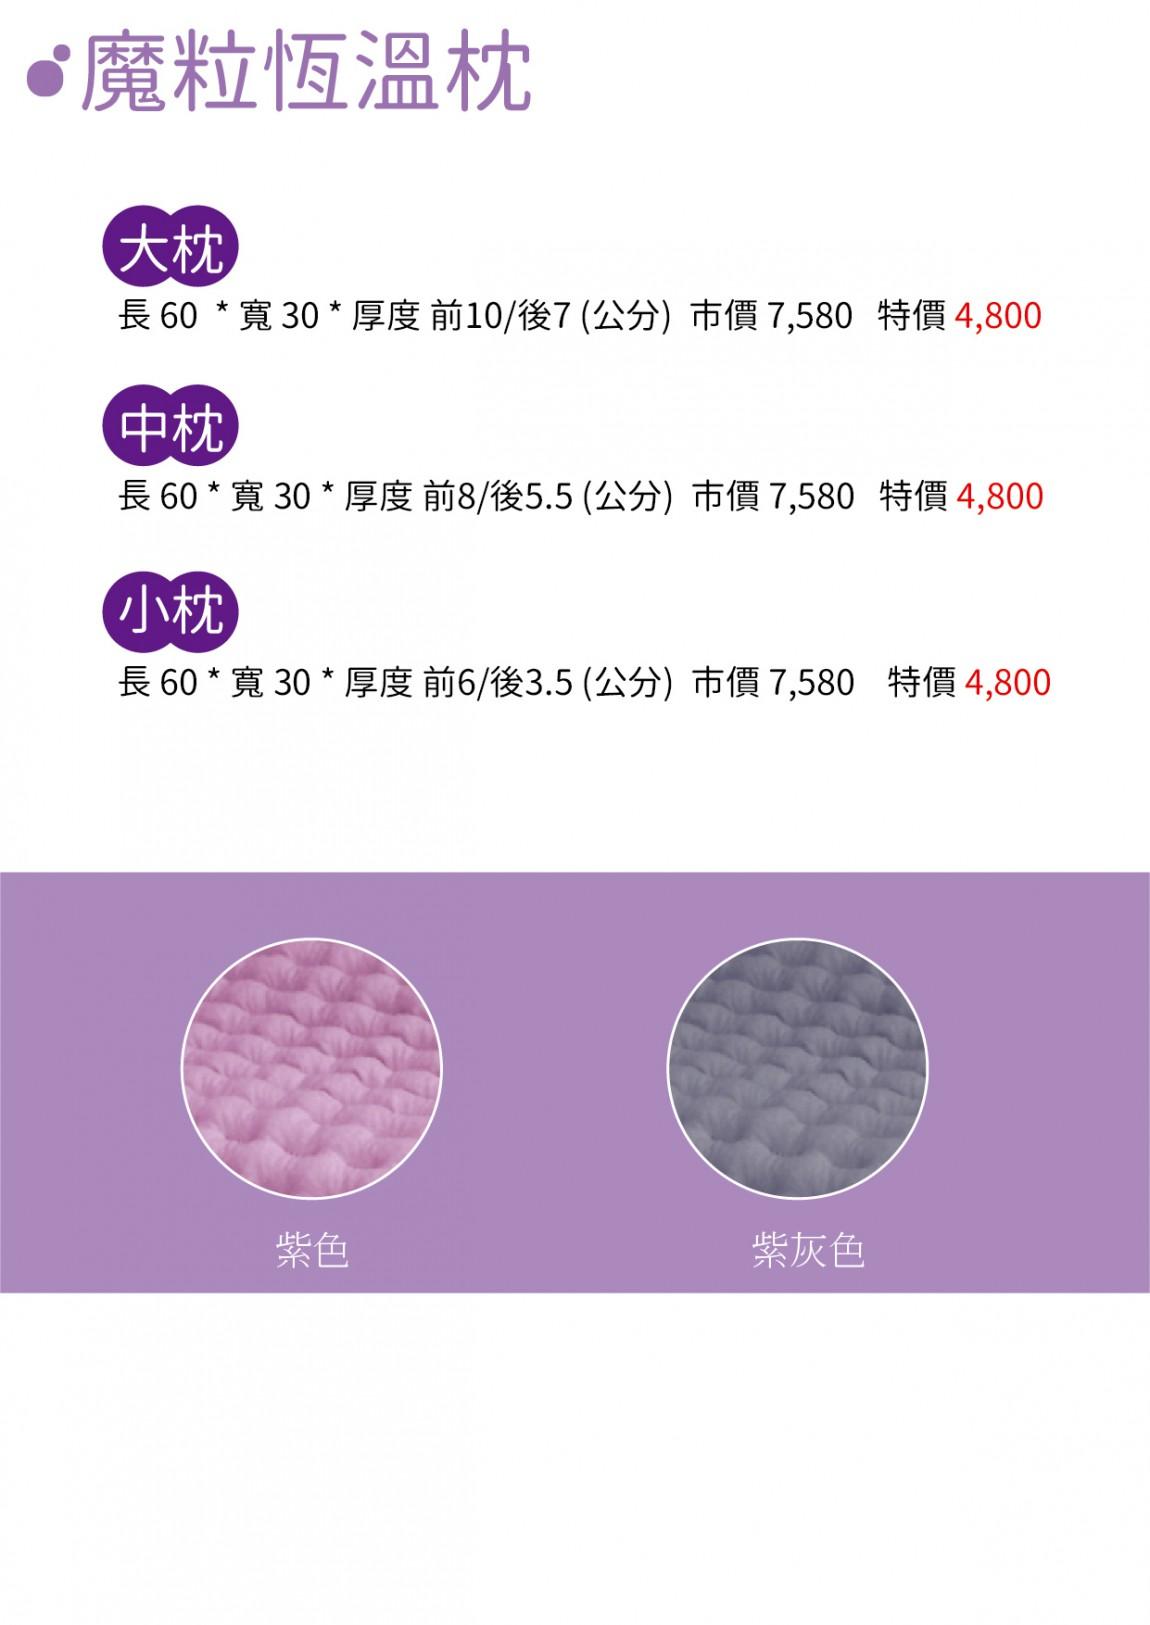 晶體枕顏色尺寸